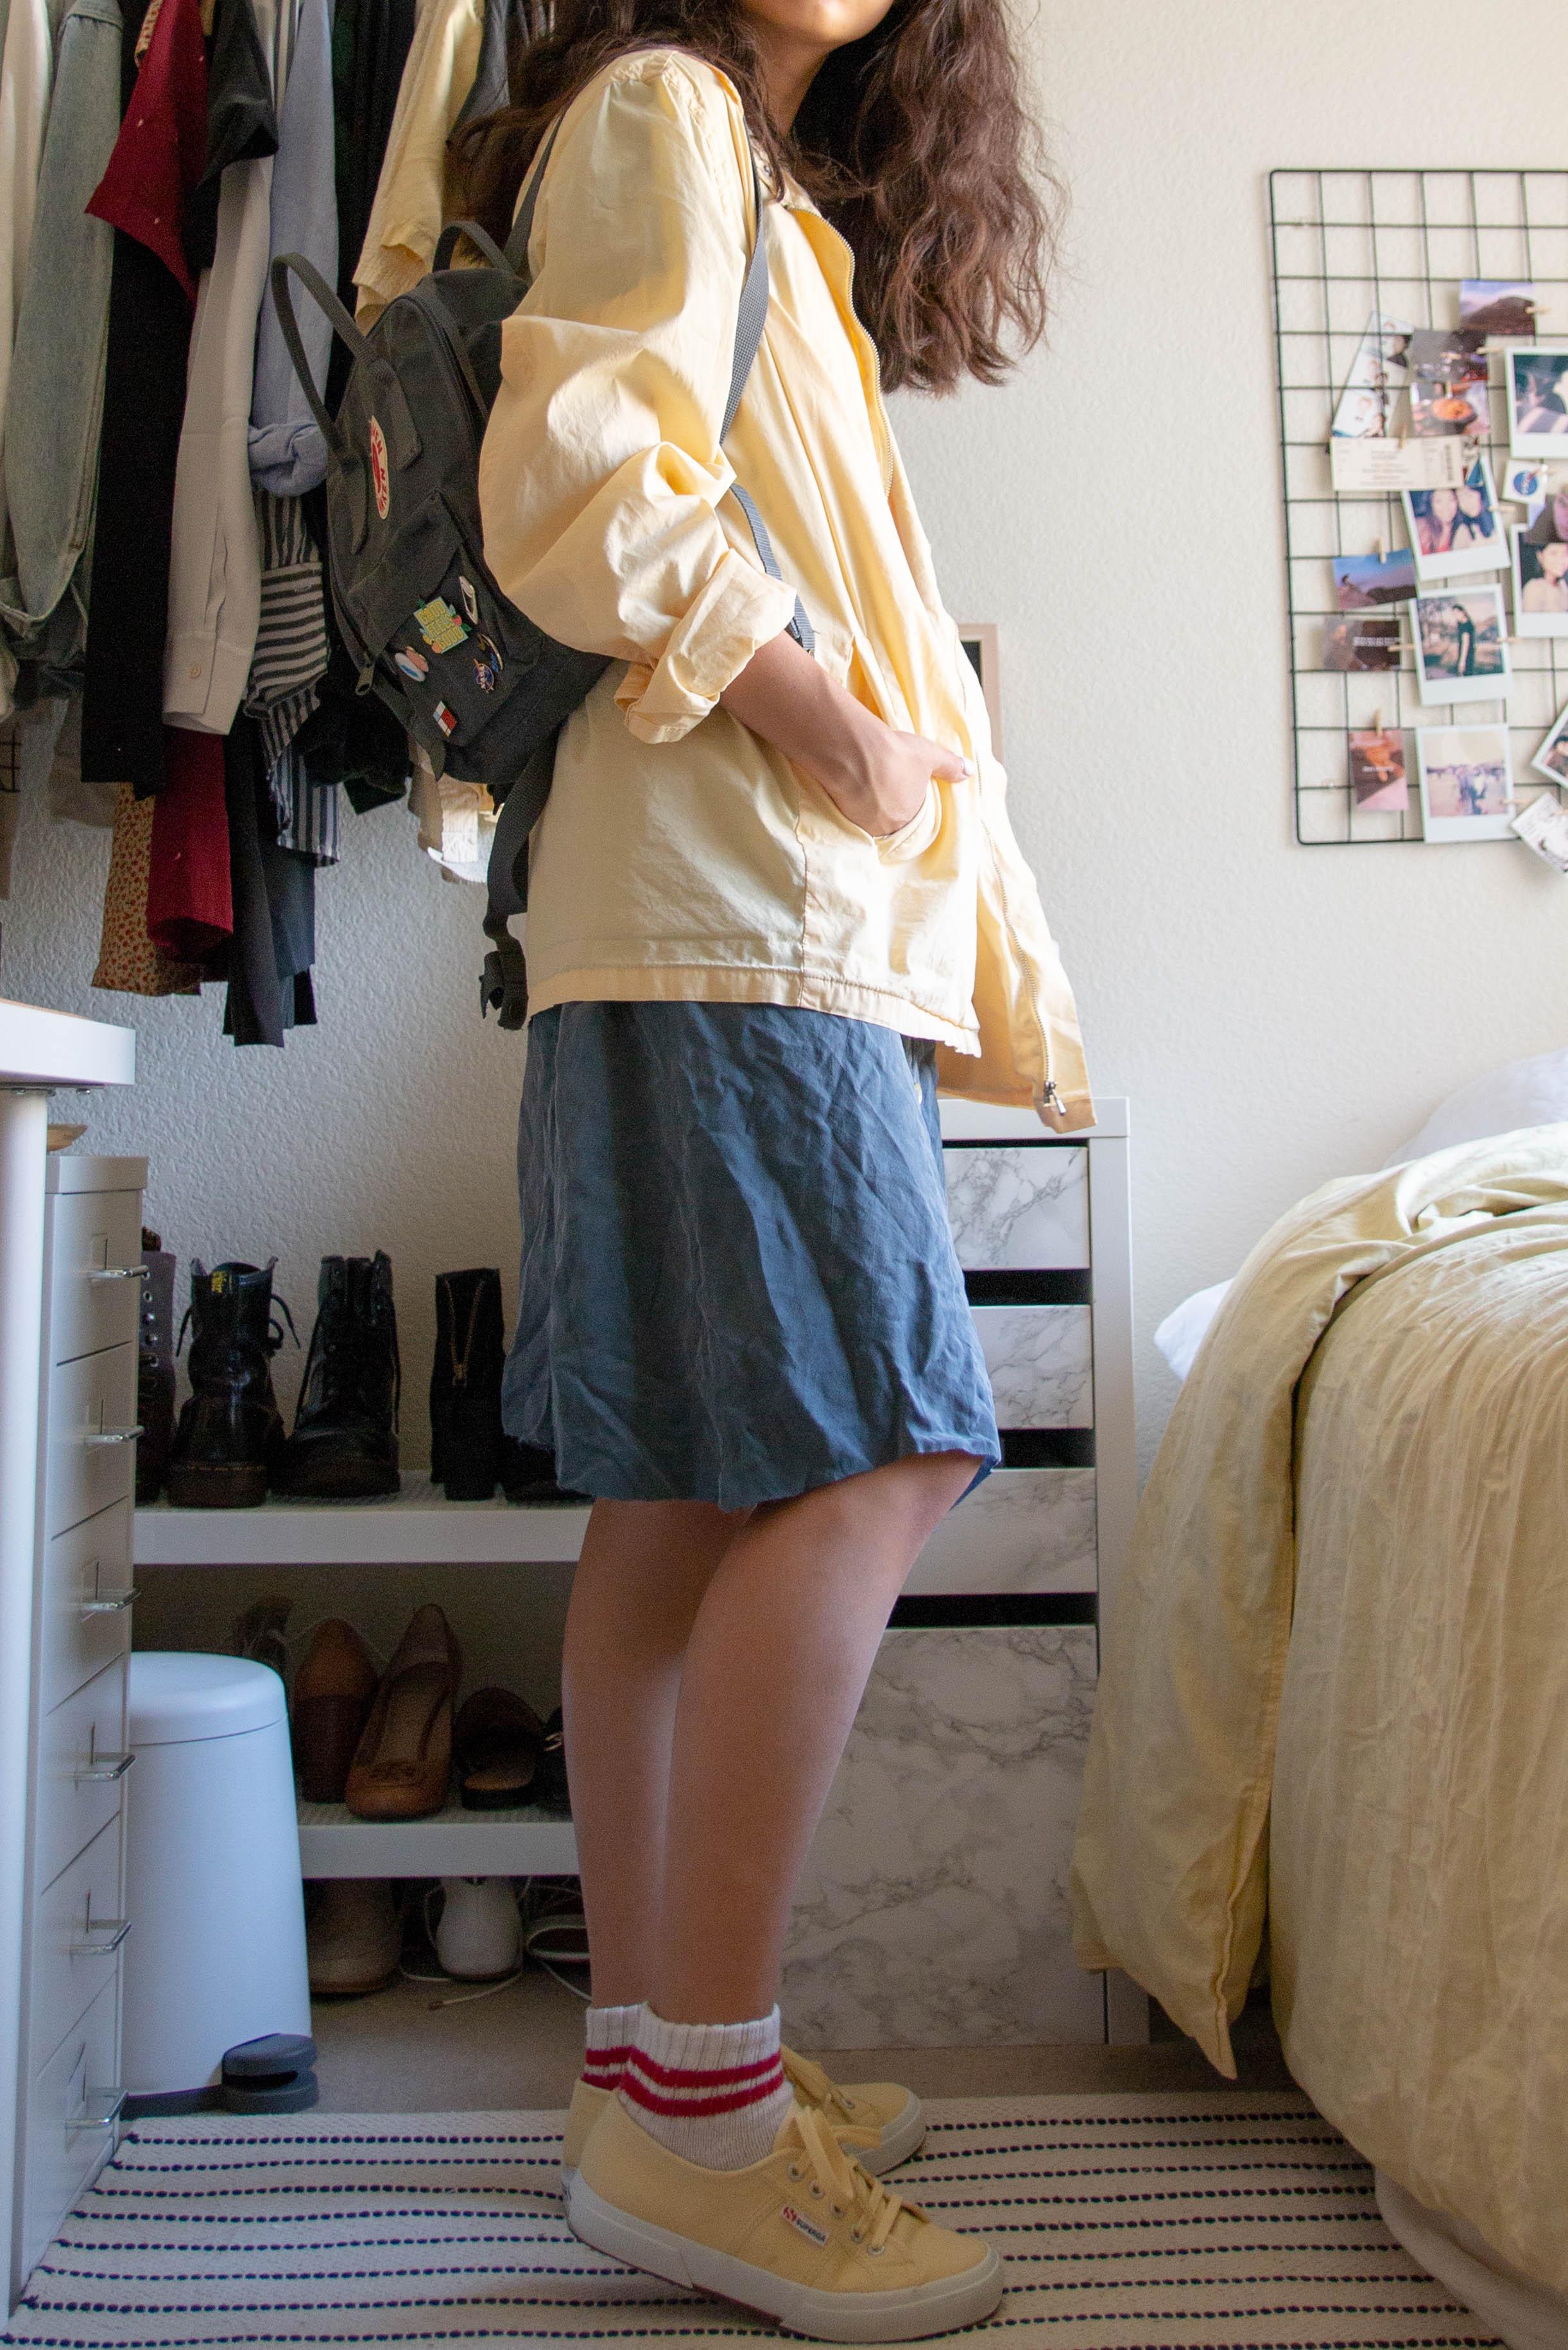 the midi dress - midi dress - vintagewindbreaker - vintagesocks - forever21 (old)sneakers - supergabag - fjallraven kanken mini